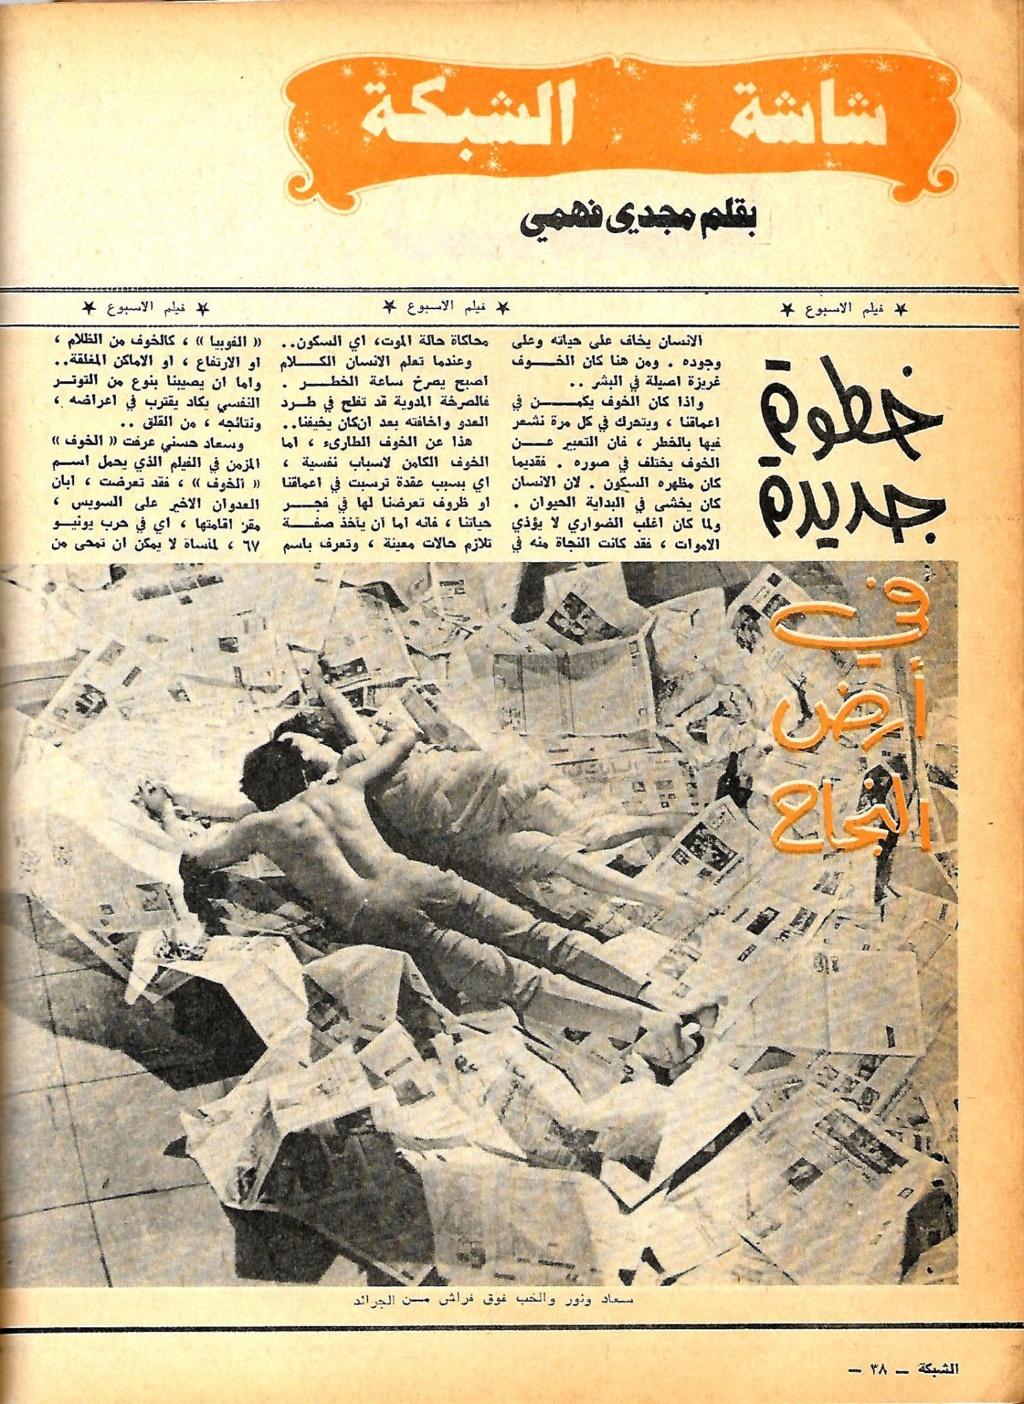 نقد صحفي : خطوة جديدة في أرض النجاح 1972 م 163